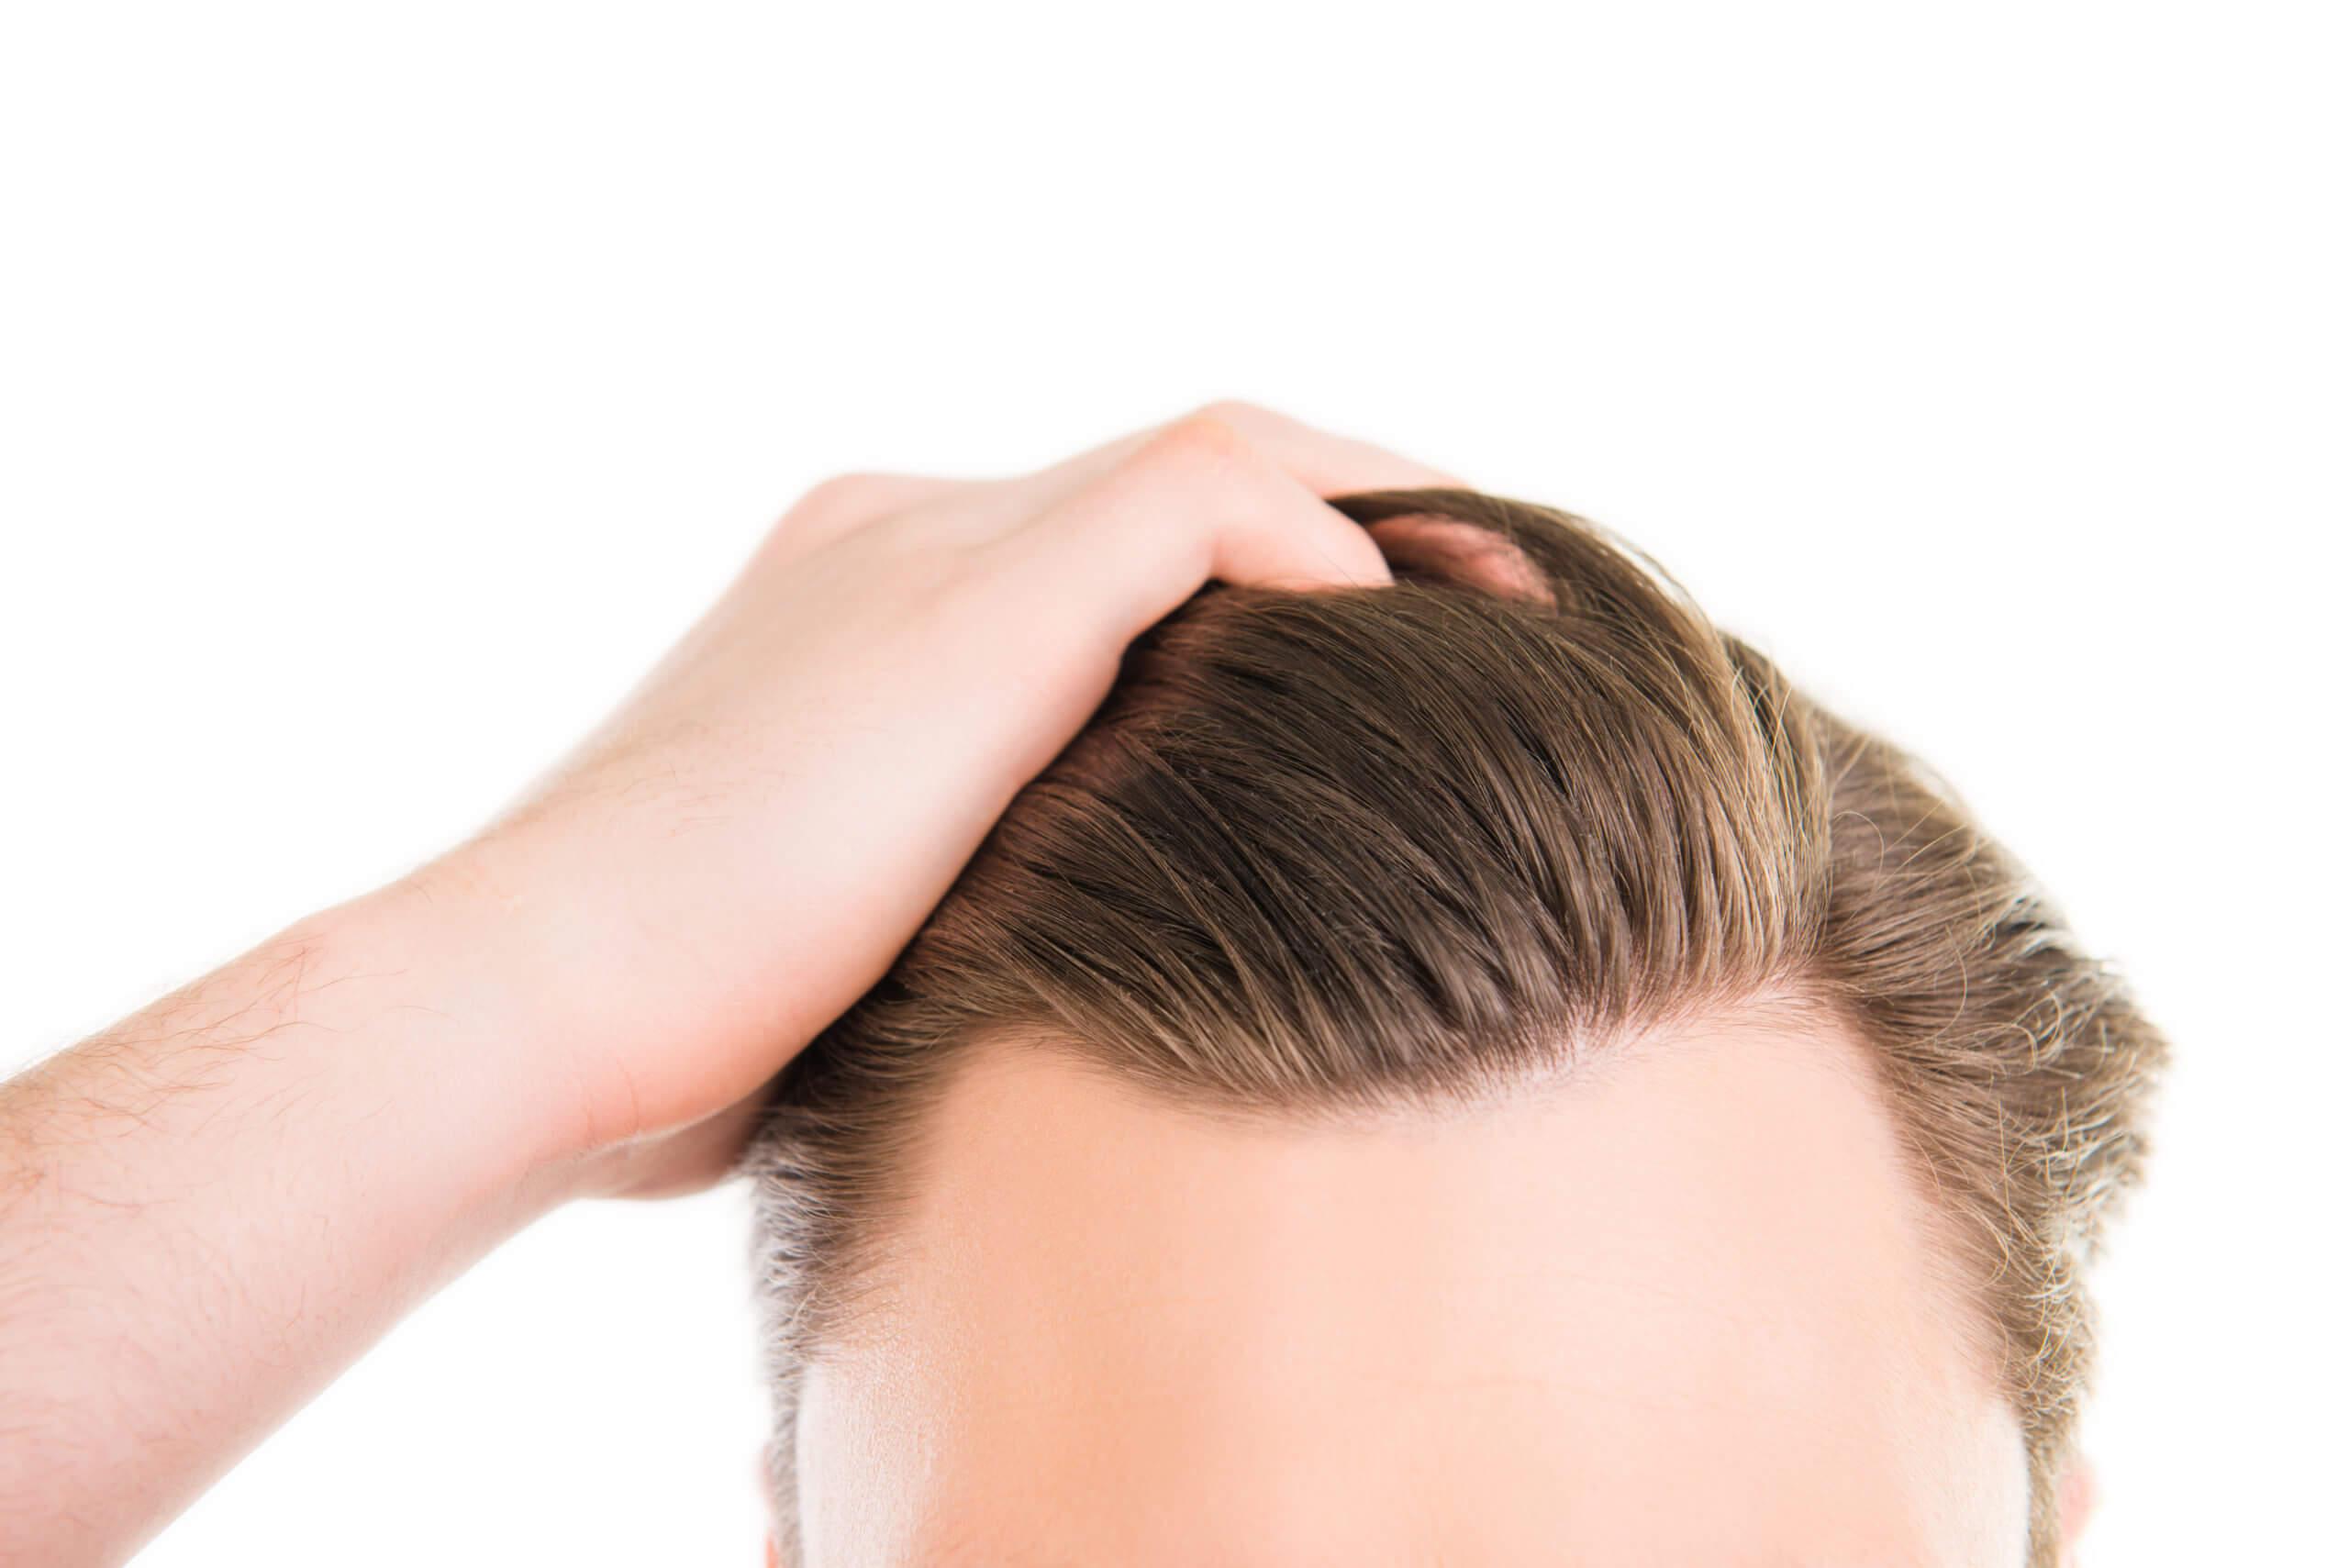 Quand l'œdème passe-t-il après la greffe de cheveux - Zty Health Istanbul